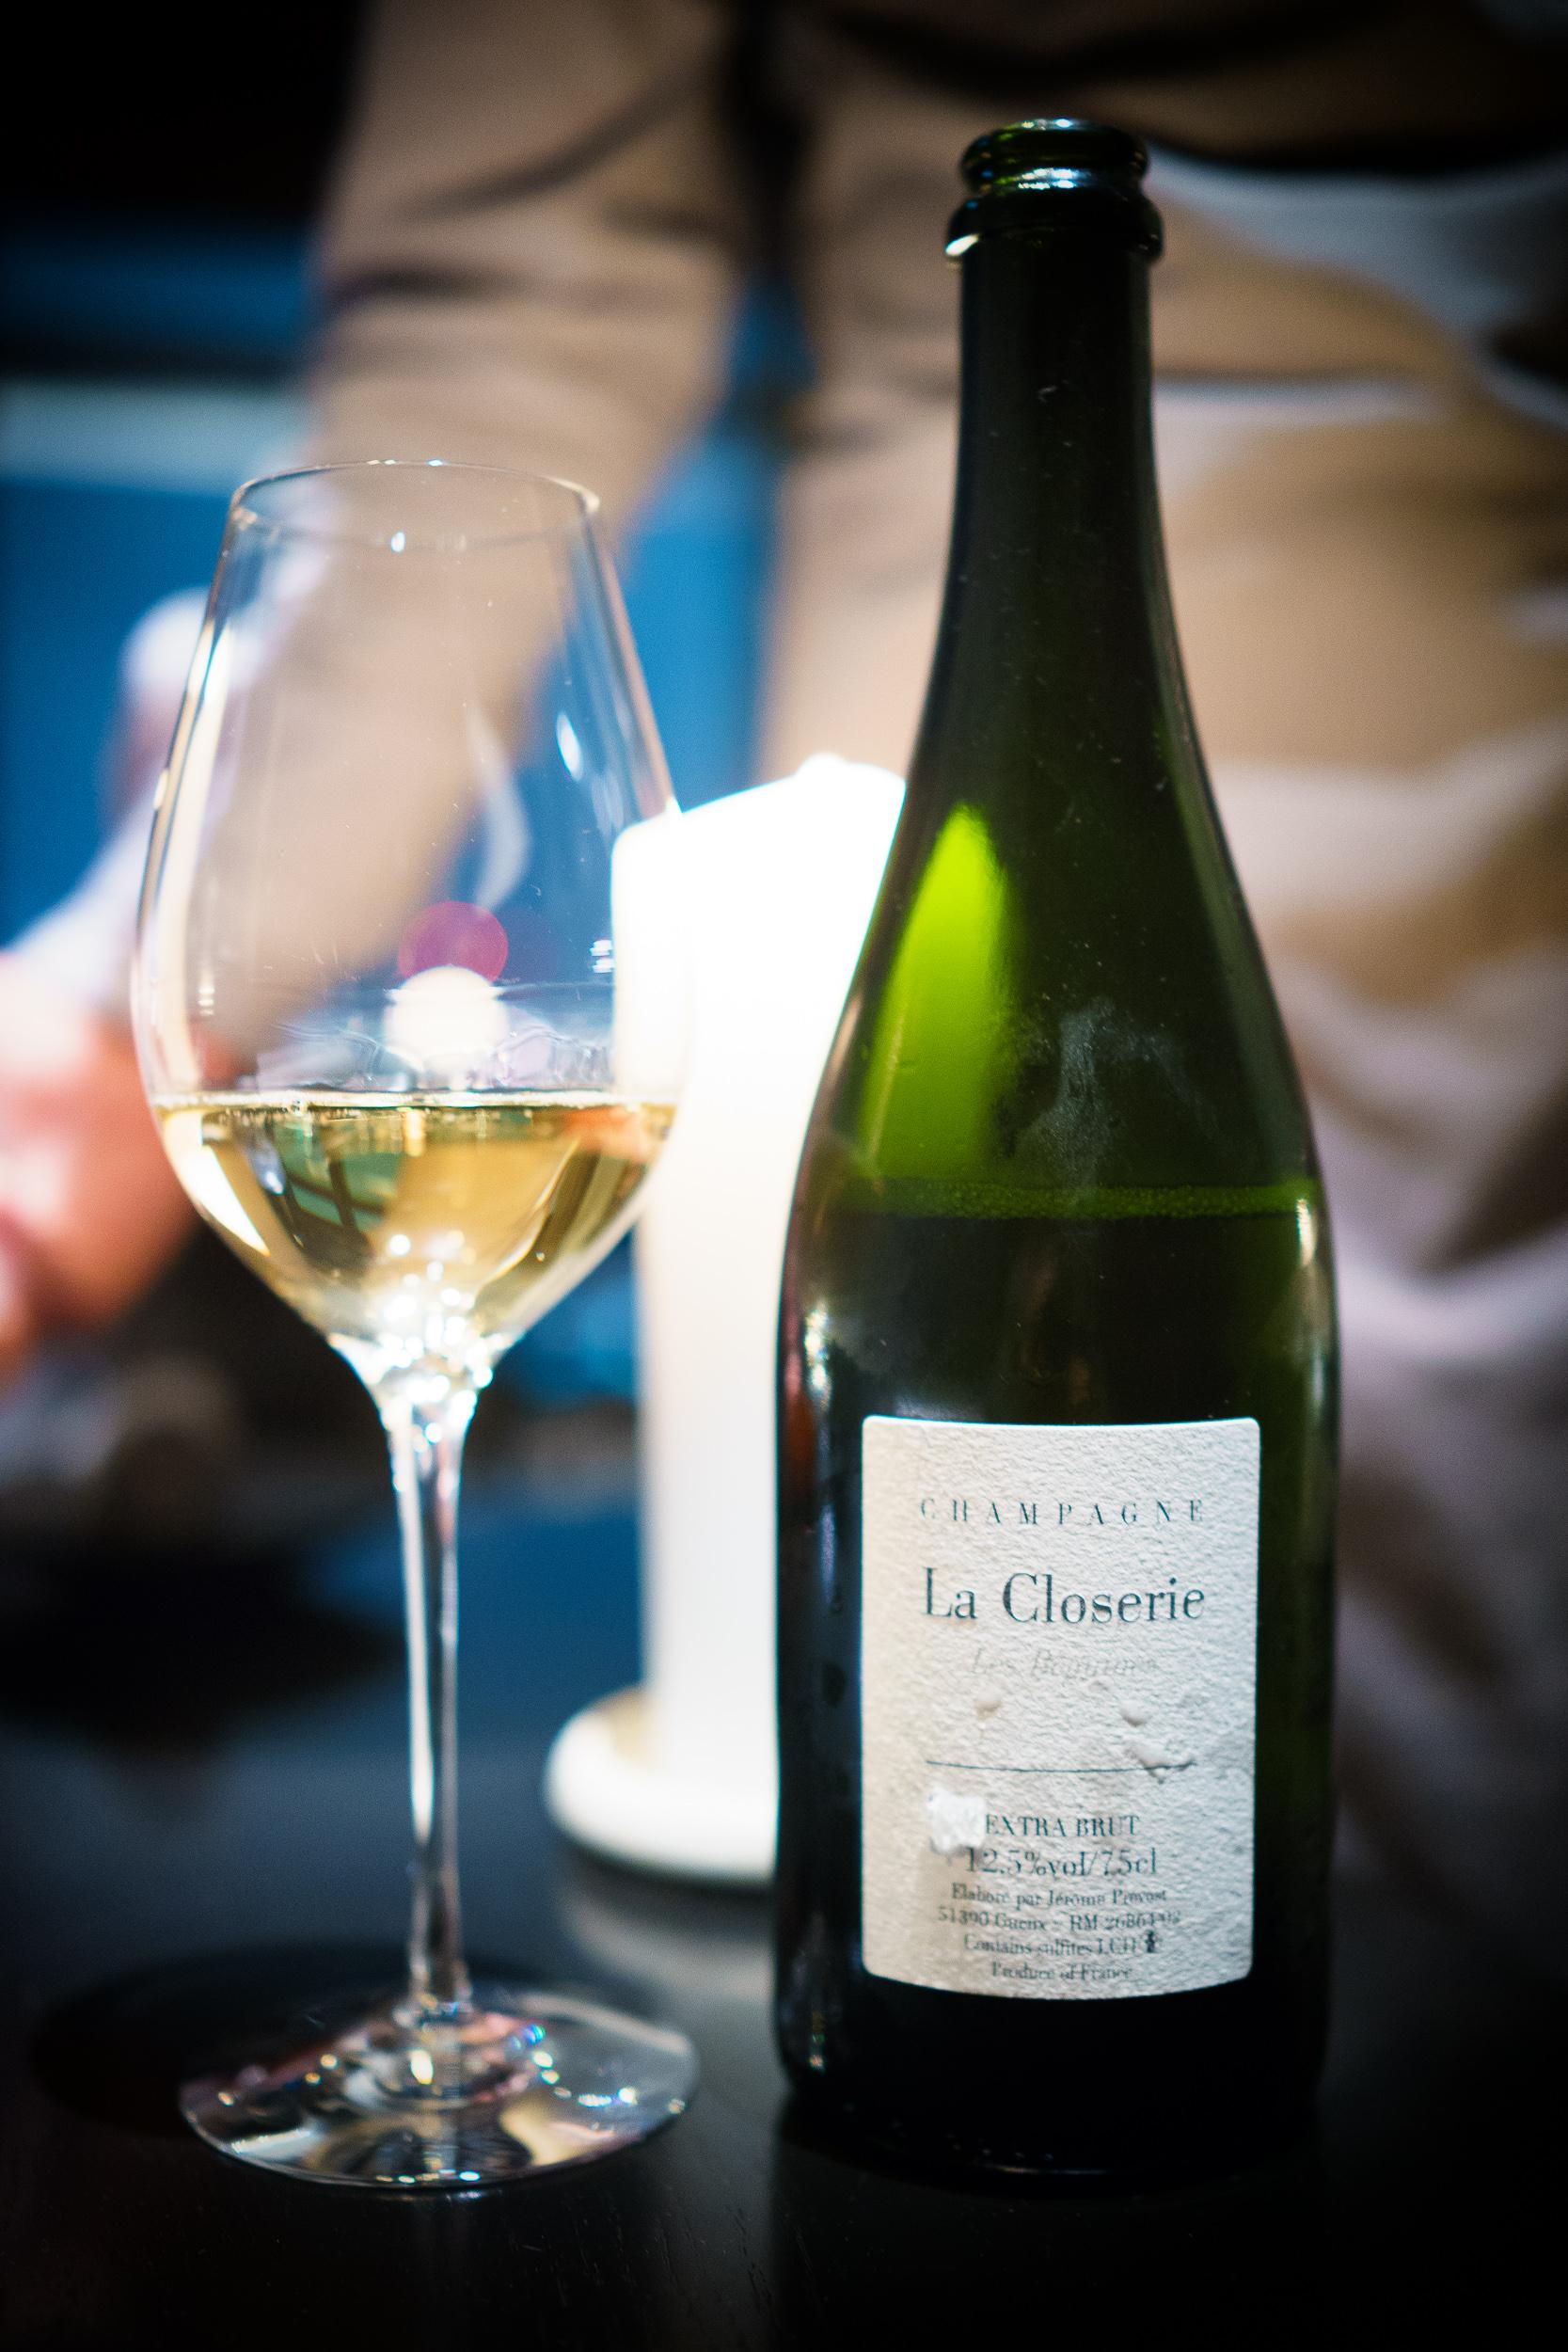 2010 Les Béguines, Jérome Prévost Gueux, Champagne